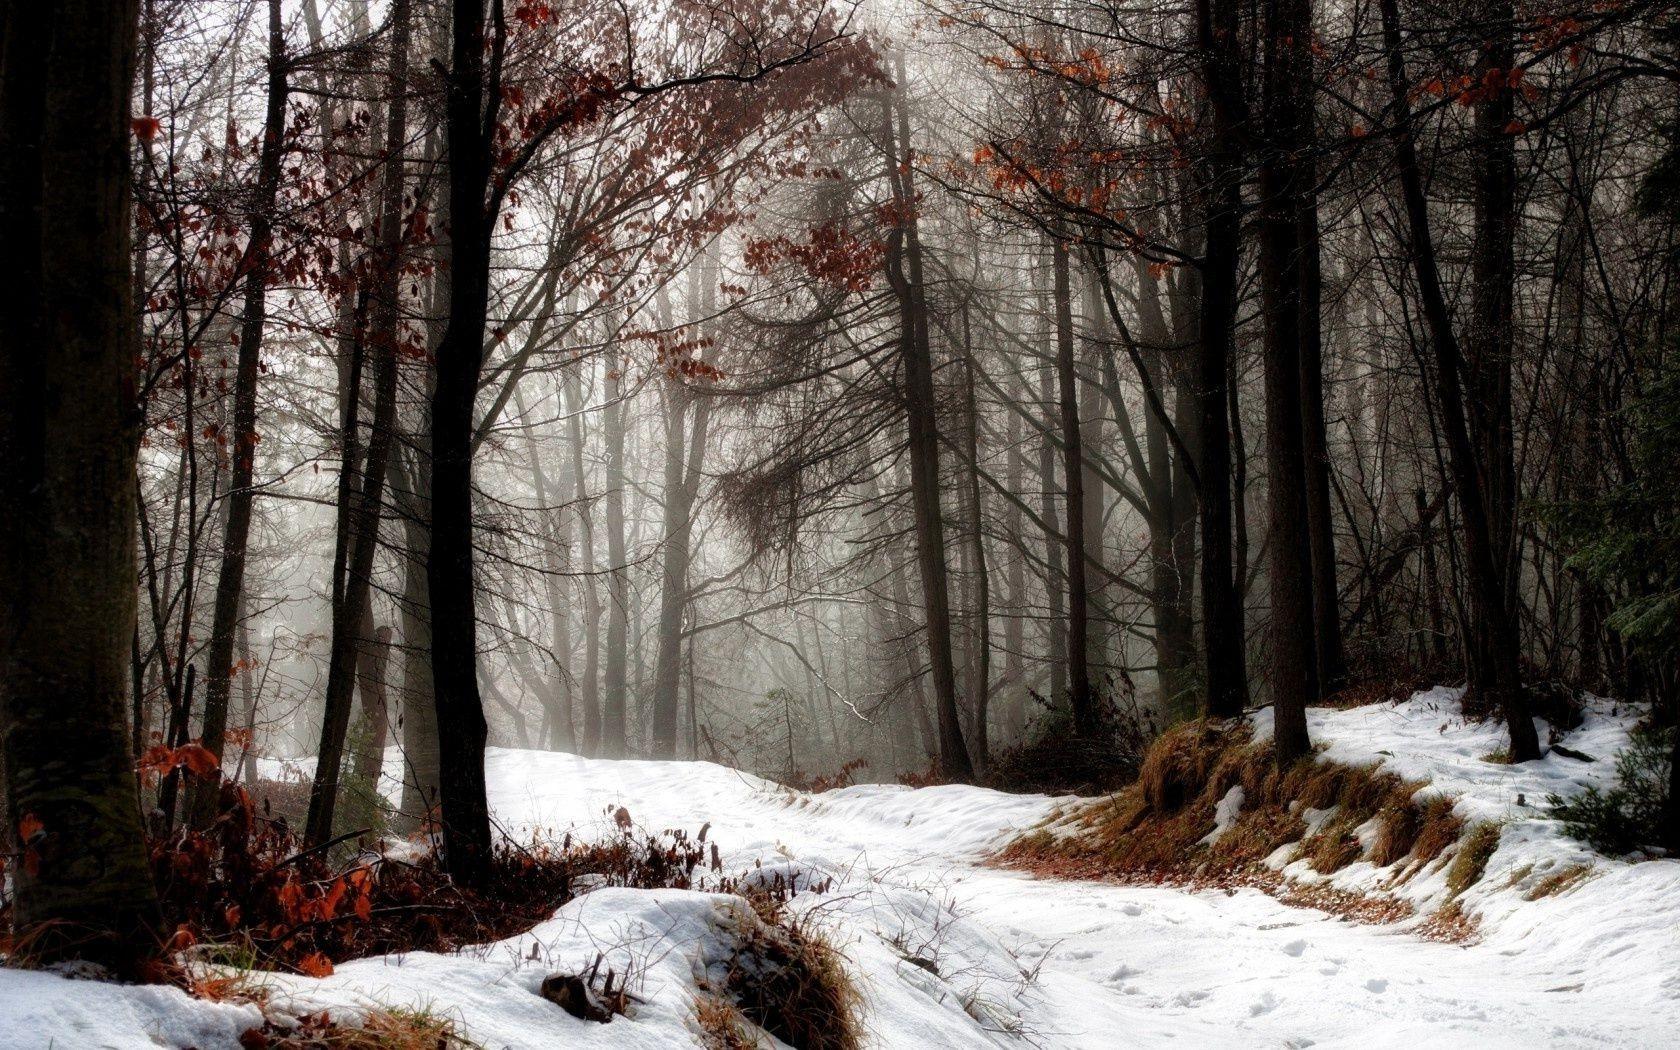 картинка дремучий лес зимний всего один